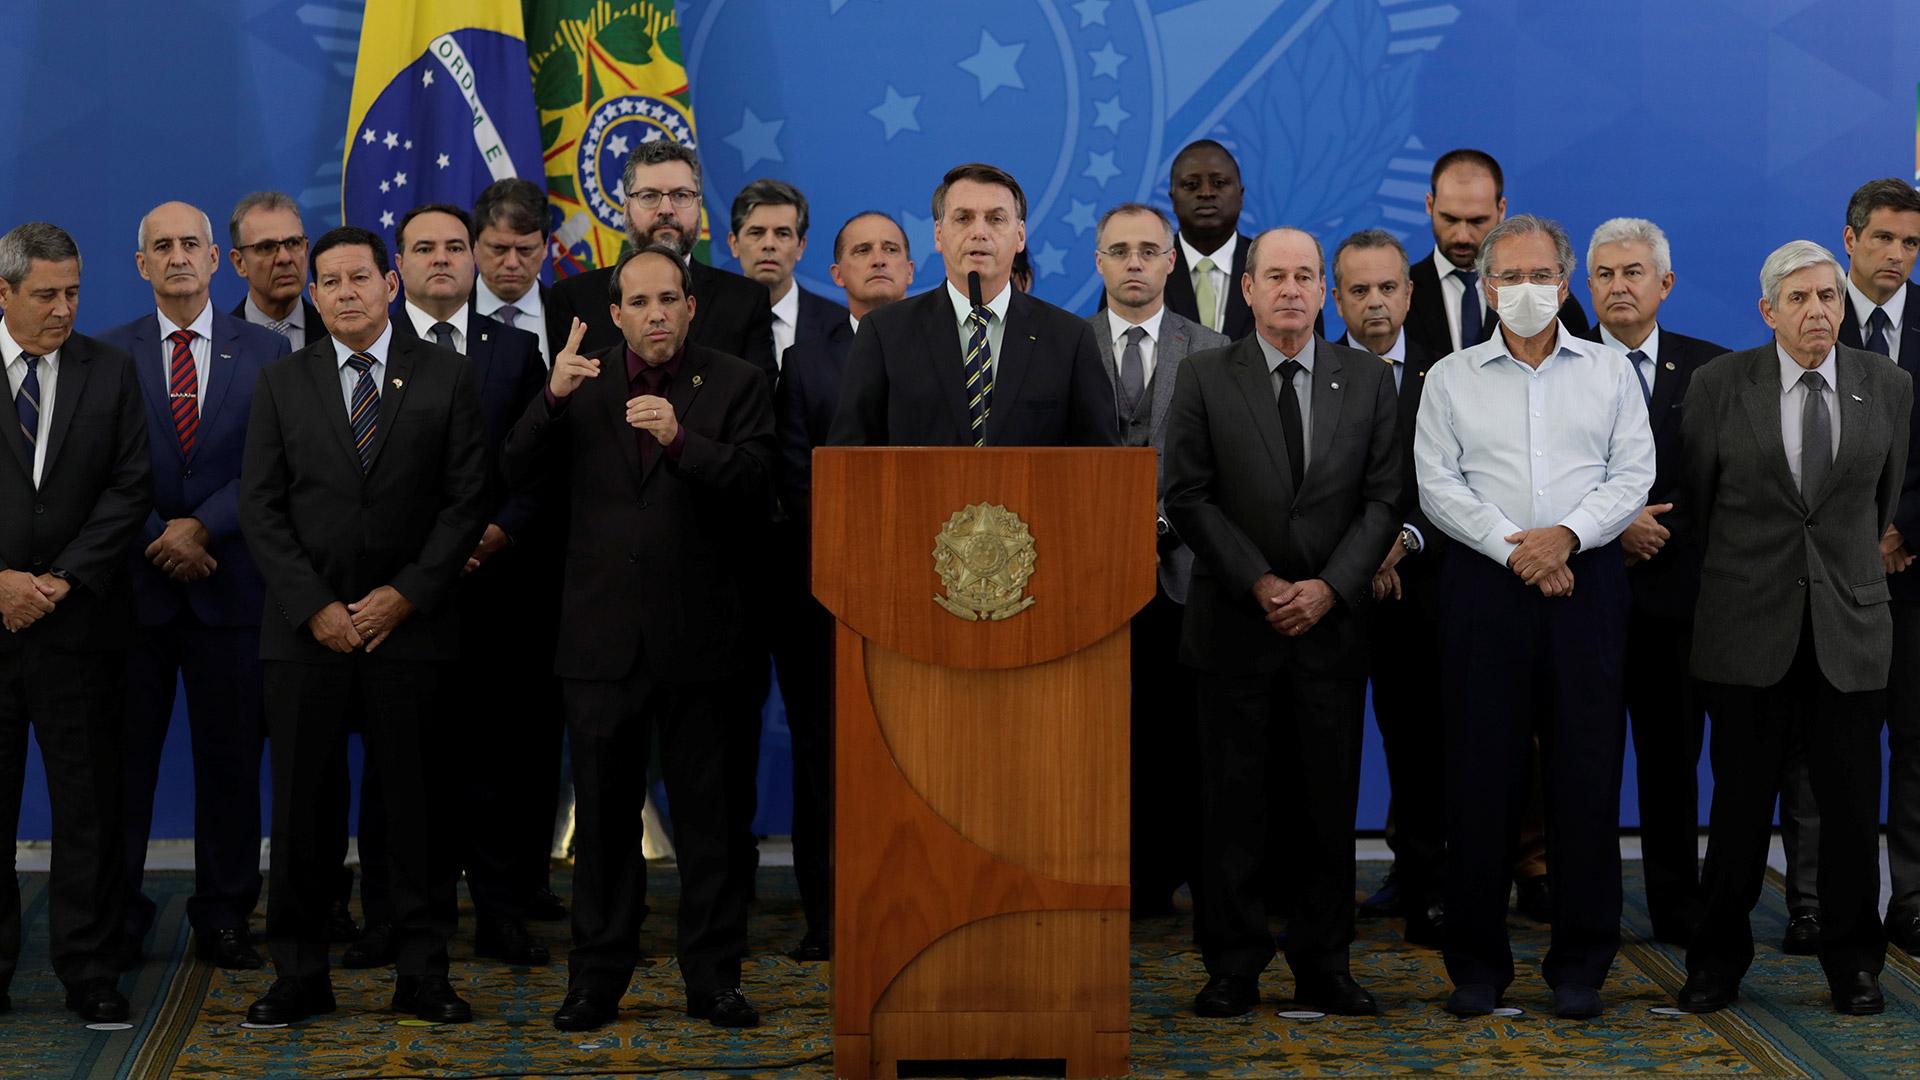 El 24 de abril pasado, el presidente Bolsonaro junto a todos sus ministros durante una conferencia de prensa. Solo uno de ellos usa una máscara facial (REUTERS/Ueslei Marcelino)